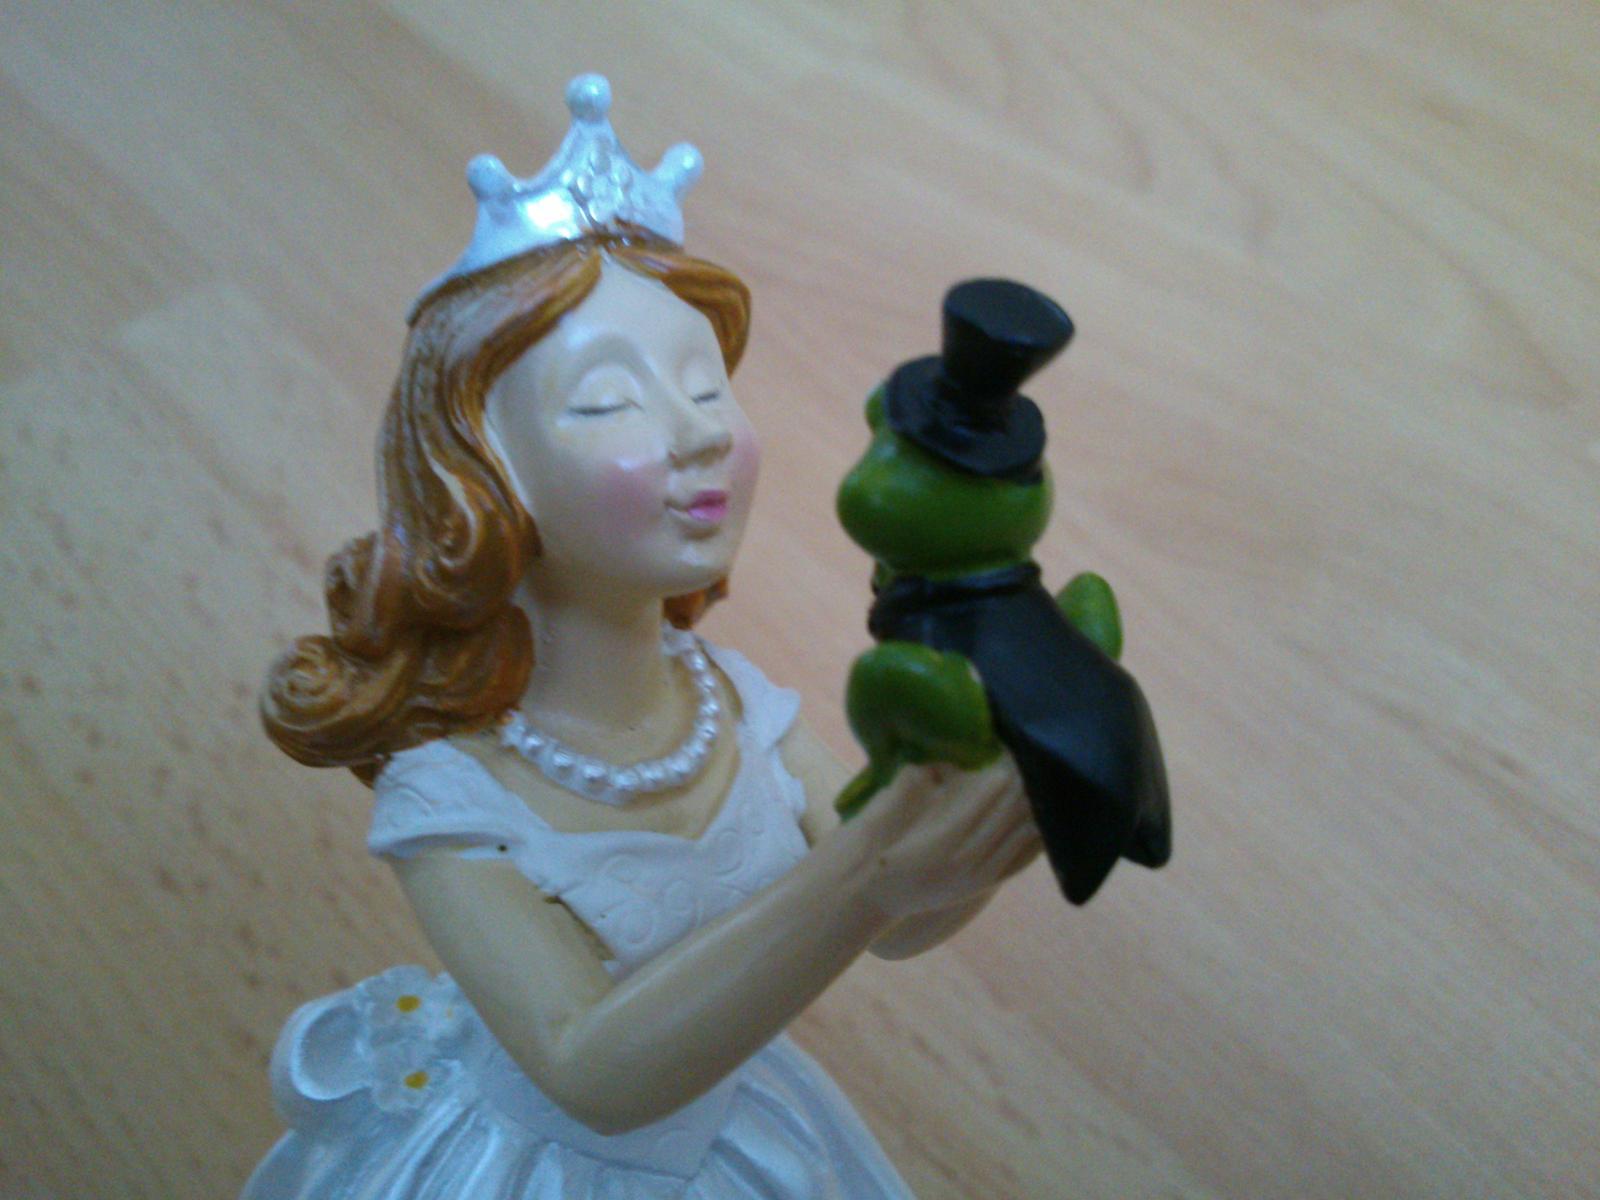 Princezna a zabiak - Obrázok č. 1